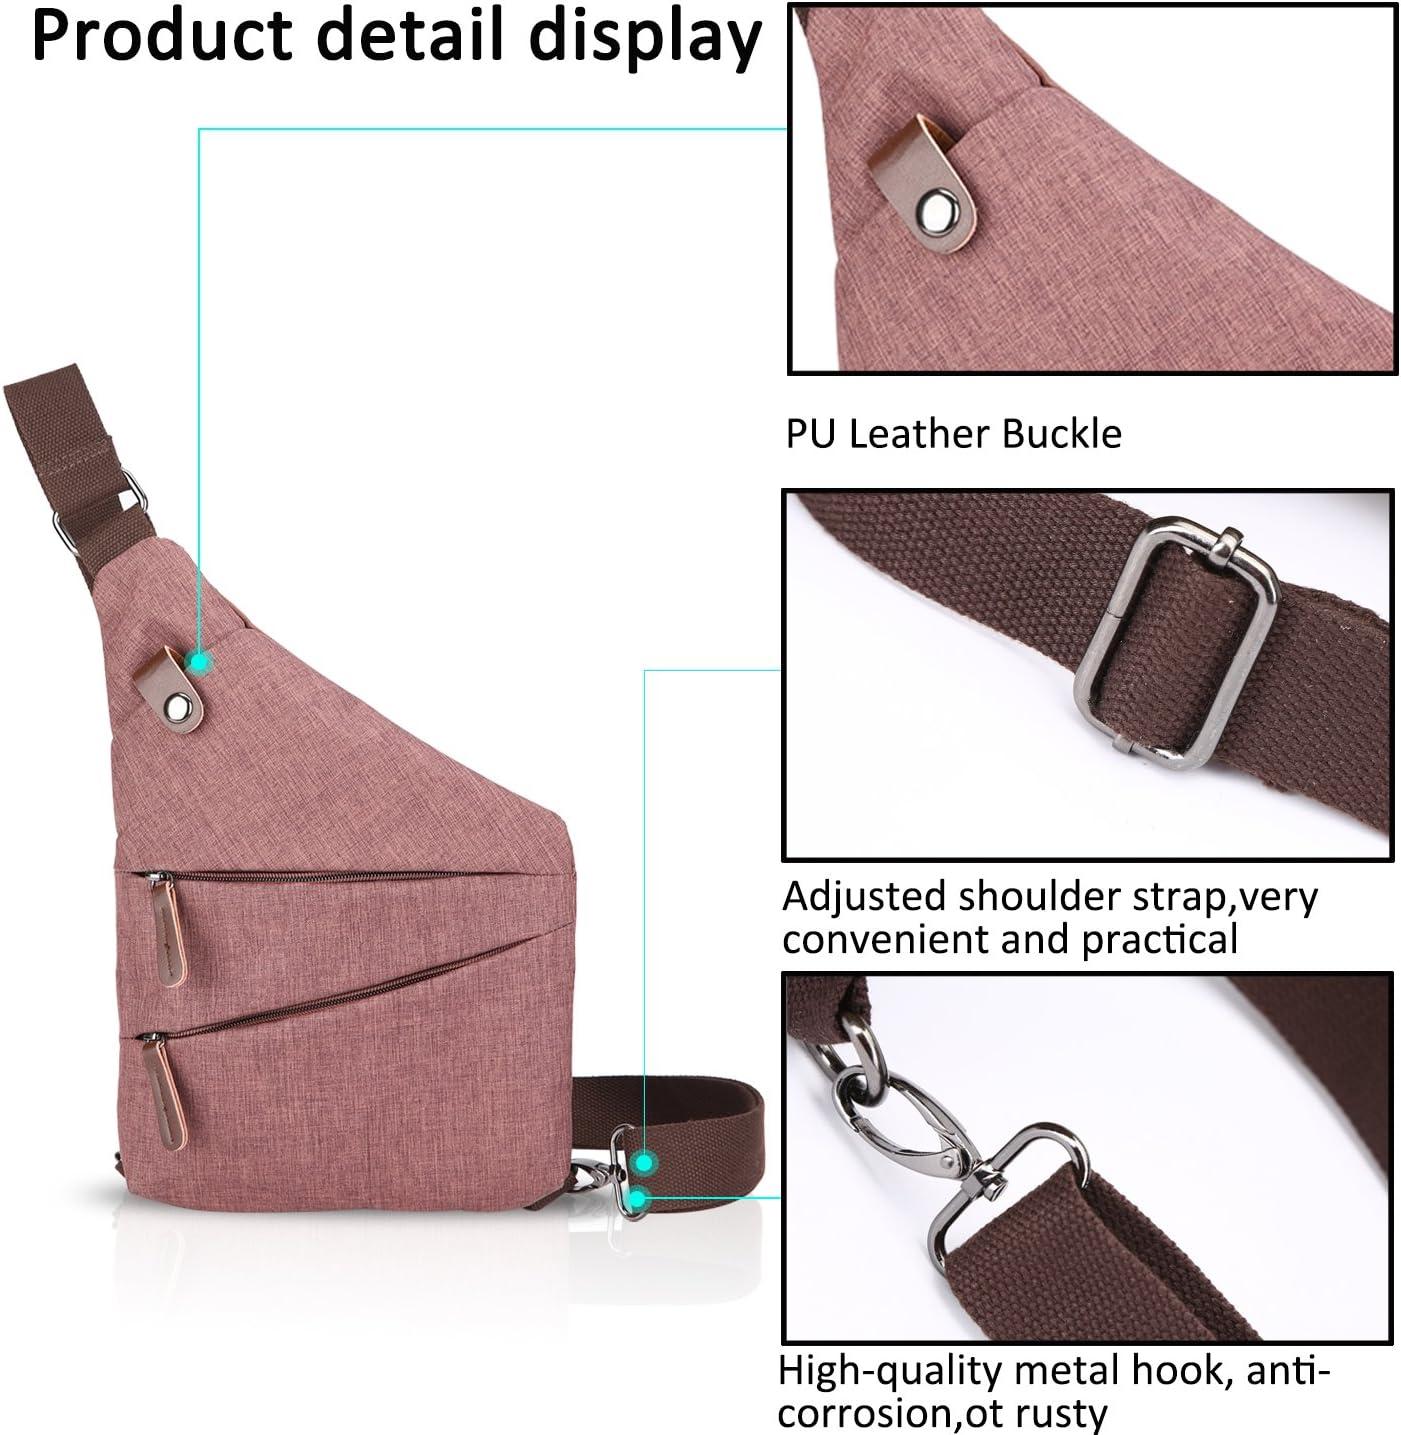 FANDARE New Sling Bag Borsa a Tracolla Studente Sport Portatile Viaggio Crossbody Bag Uomo Anti-theft Impermeabile Poliestere Blu